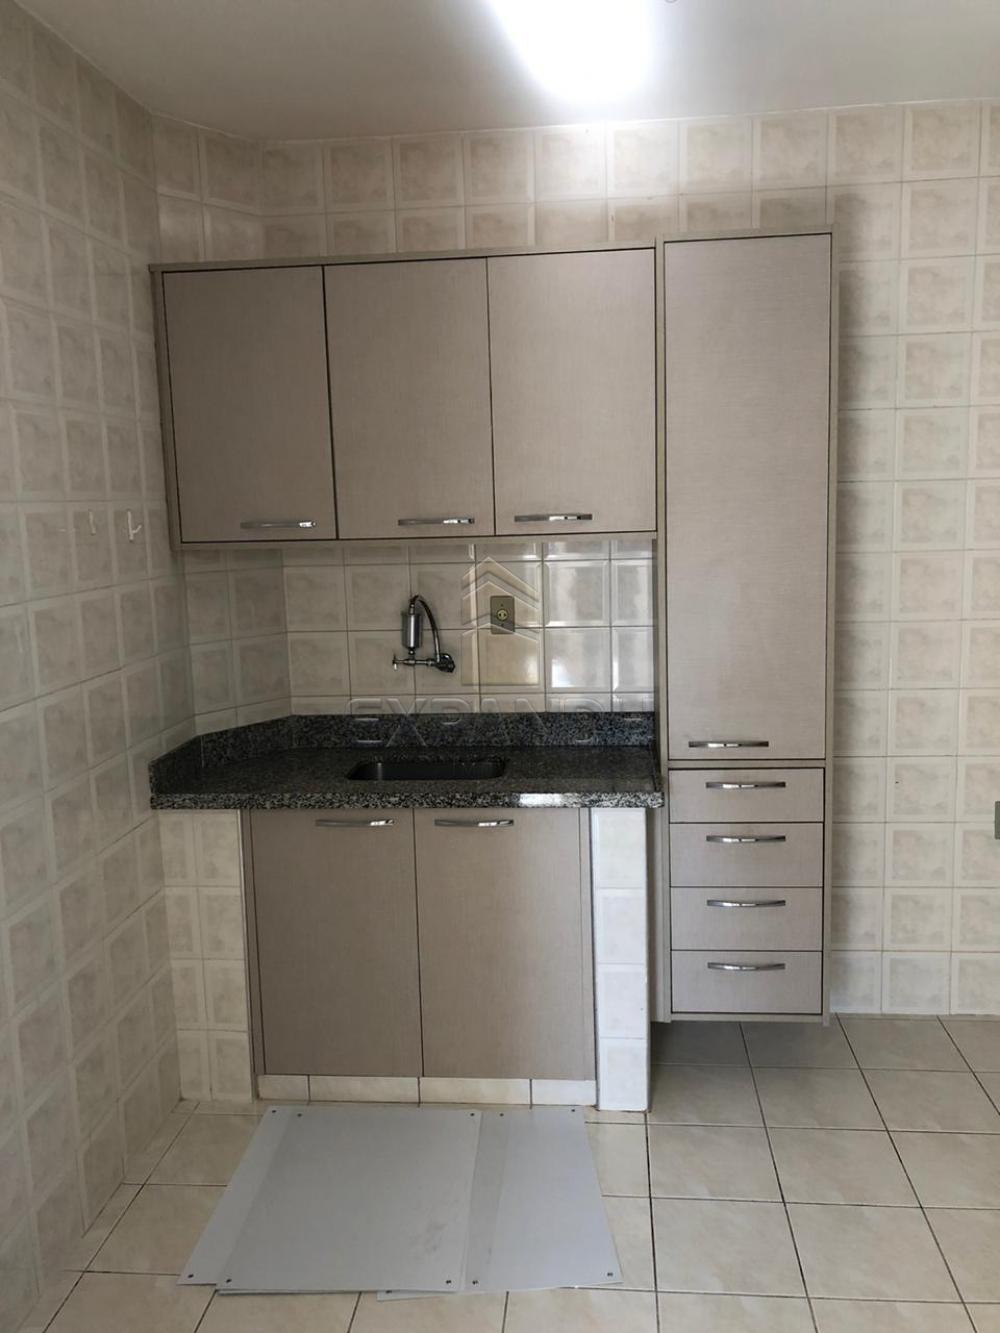 Alugar Apartamentos / Padrão em Sertãozinho apenas R$ 900,00 - Foto 7